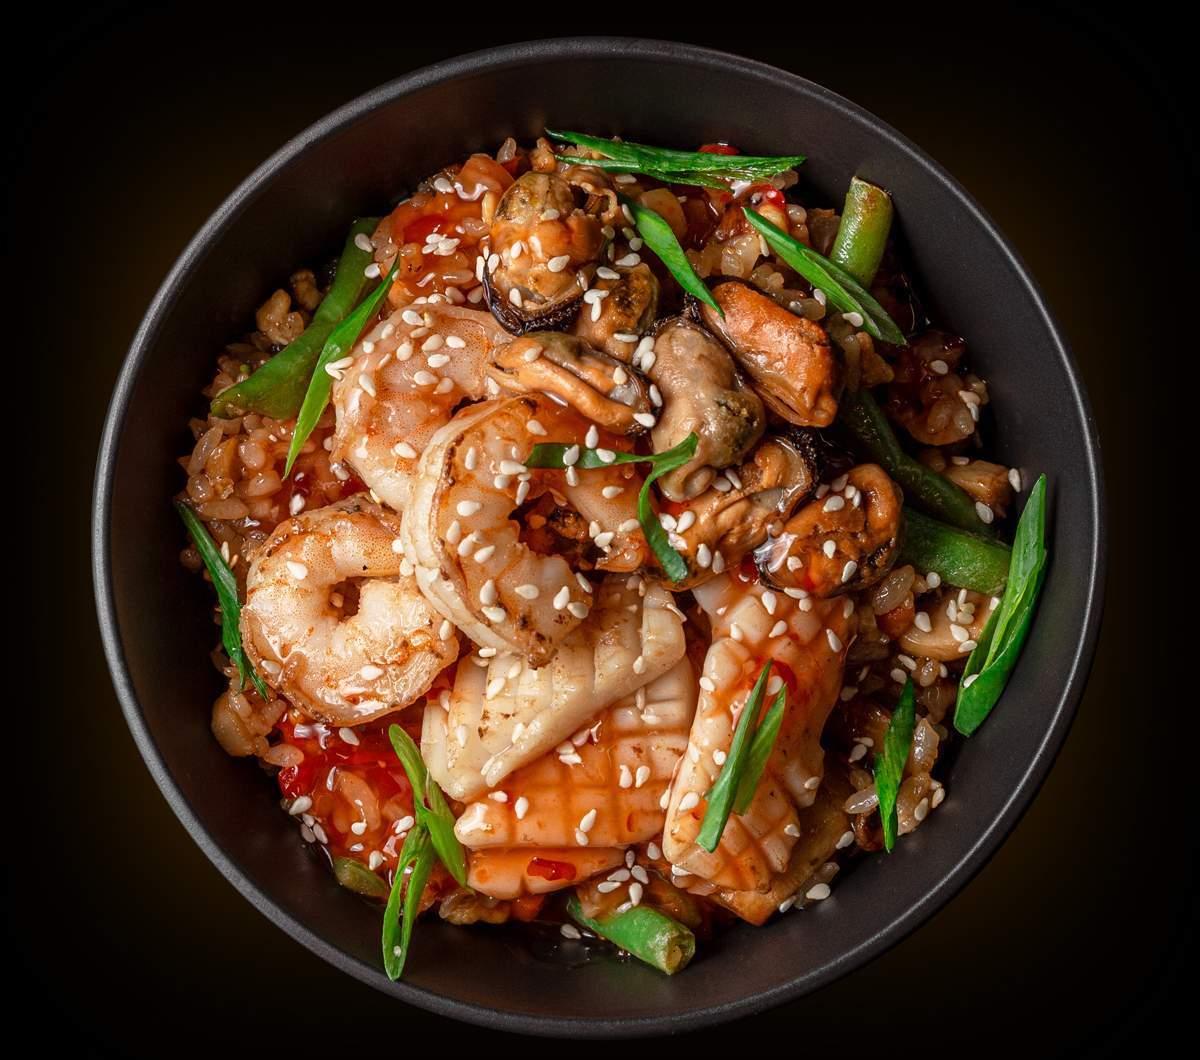 заказать: Вок - Тяхан с морепродуктами